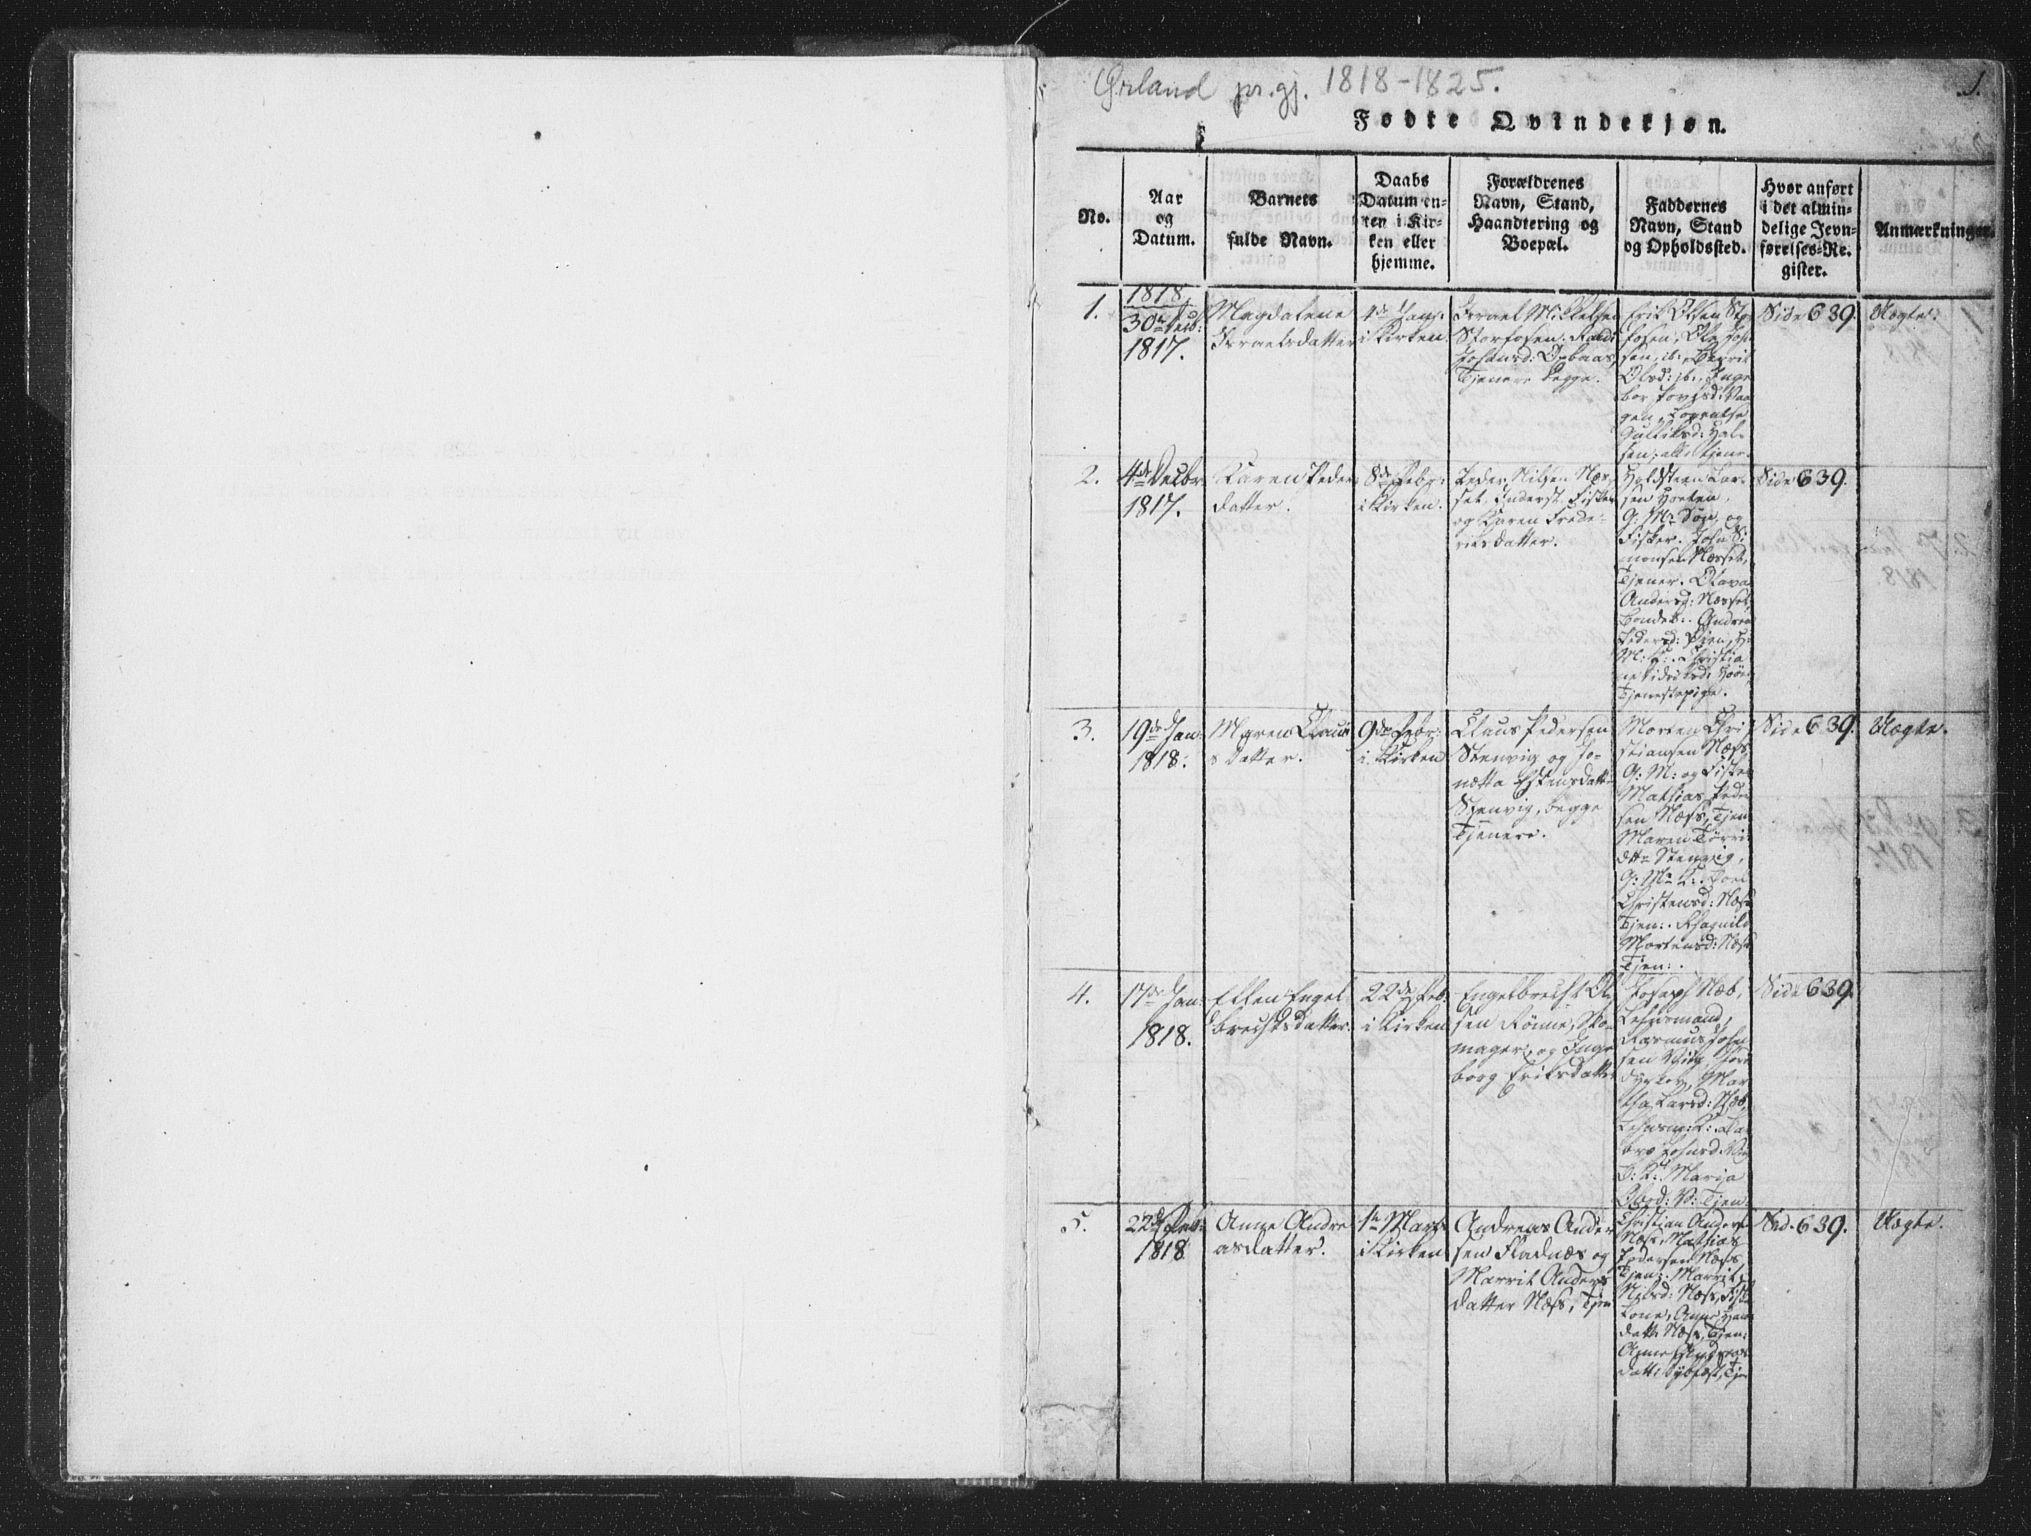 SAT, Ministerialprotokoller, klokkerbøker og fødselsregistre - Sør-Trøndelag, 659/L0734: Ministerialbok nr. 659A04, 1818-1825, s. 0-1